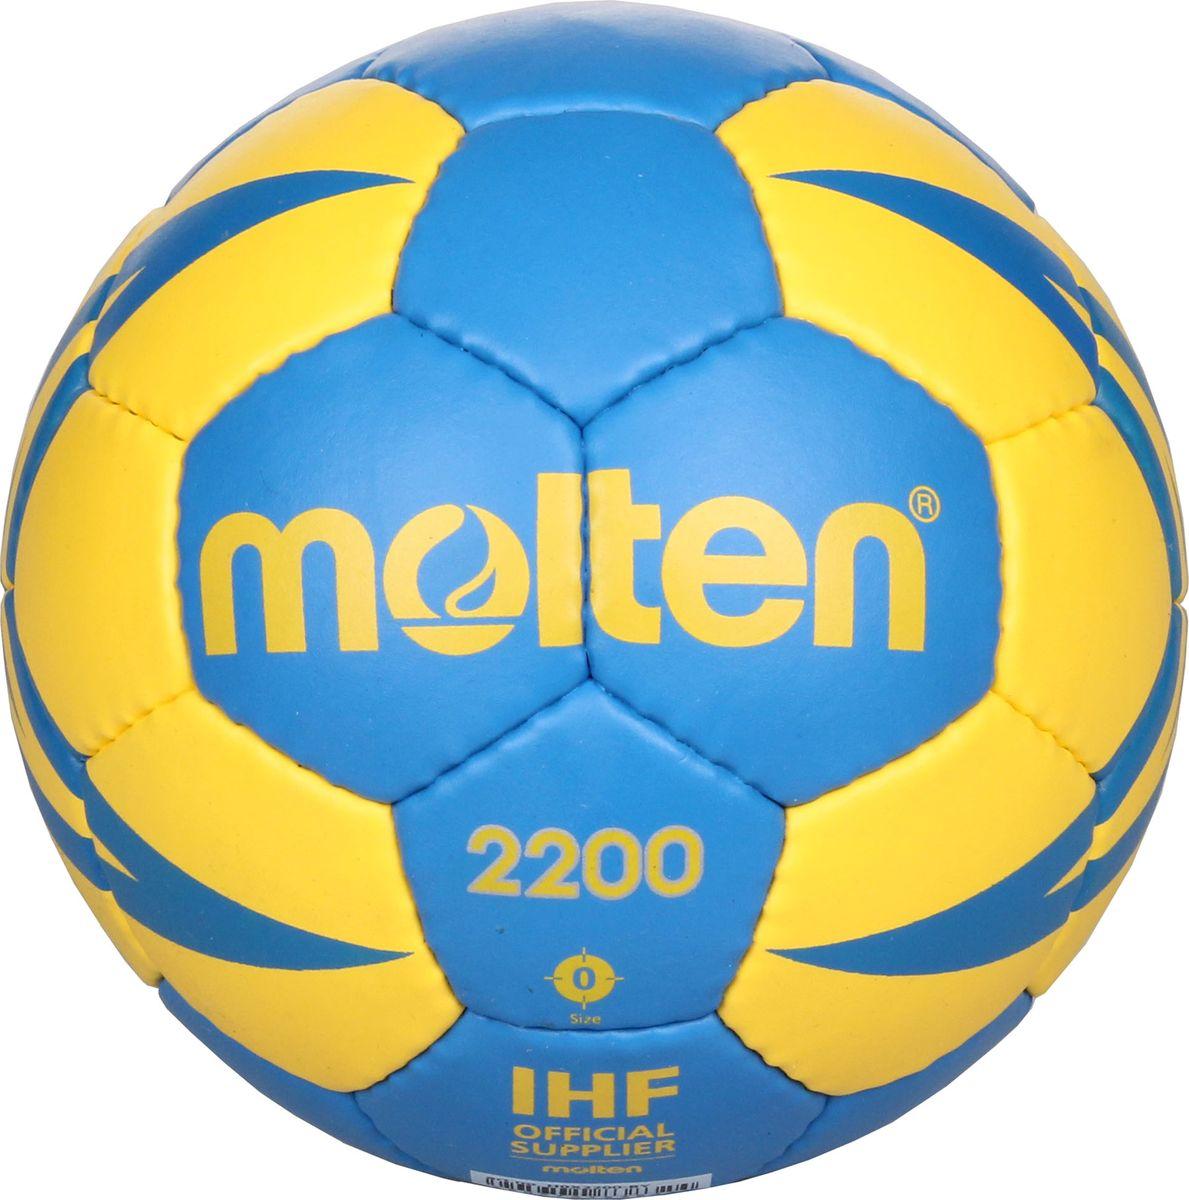 Мяч гандбольный Molten. Размер 0. H0X2200-BYH0X2200-BYТренировочный гандбольный мяч Molten 2200. Мягкая синтетическая кожа (полиуретан), 3 подкладочных слоя из синтетической ткани, слой пены для мягкости, латексная камера, ручная сшивка, 32 панели.